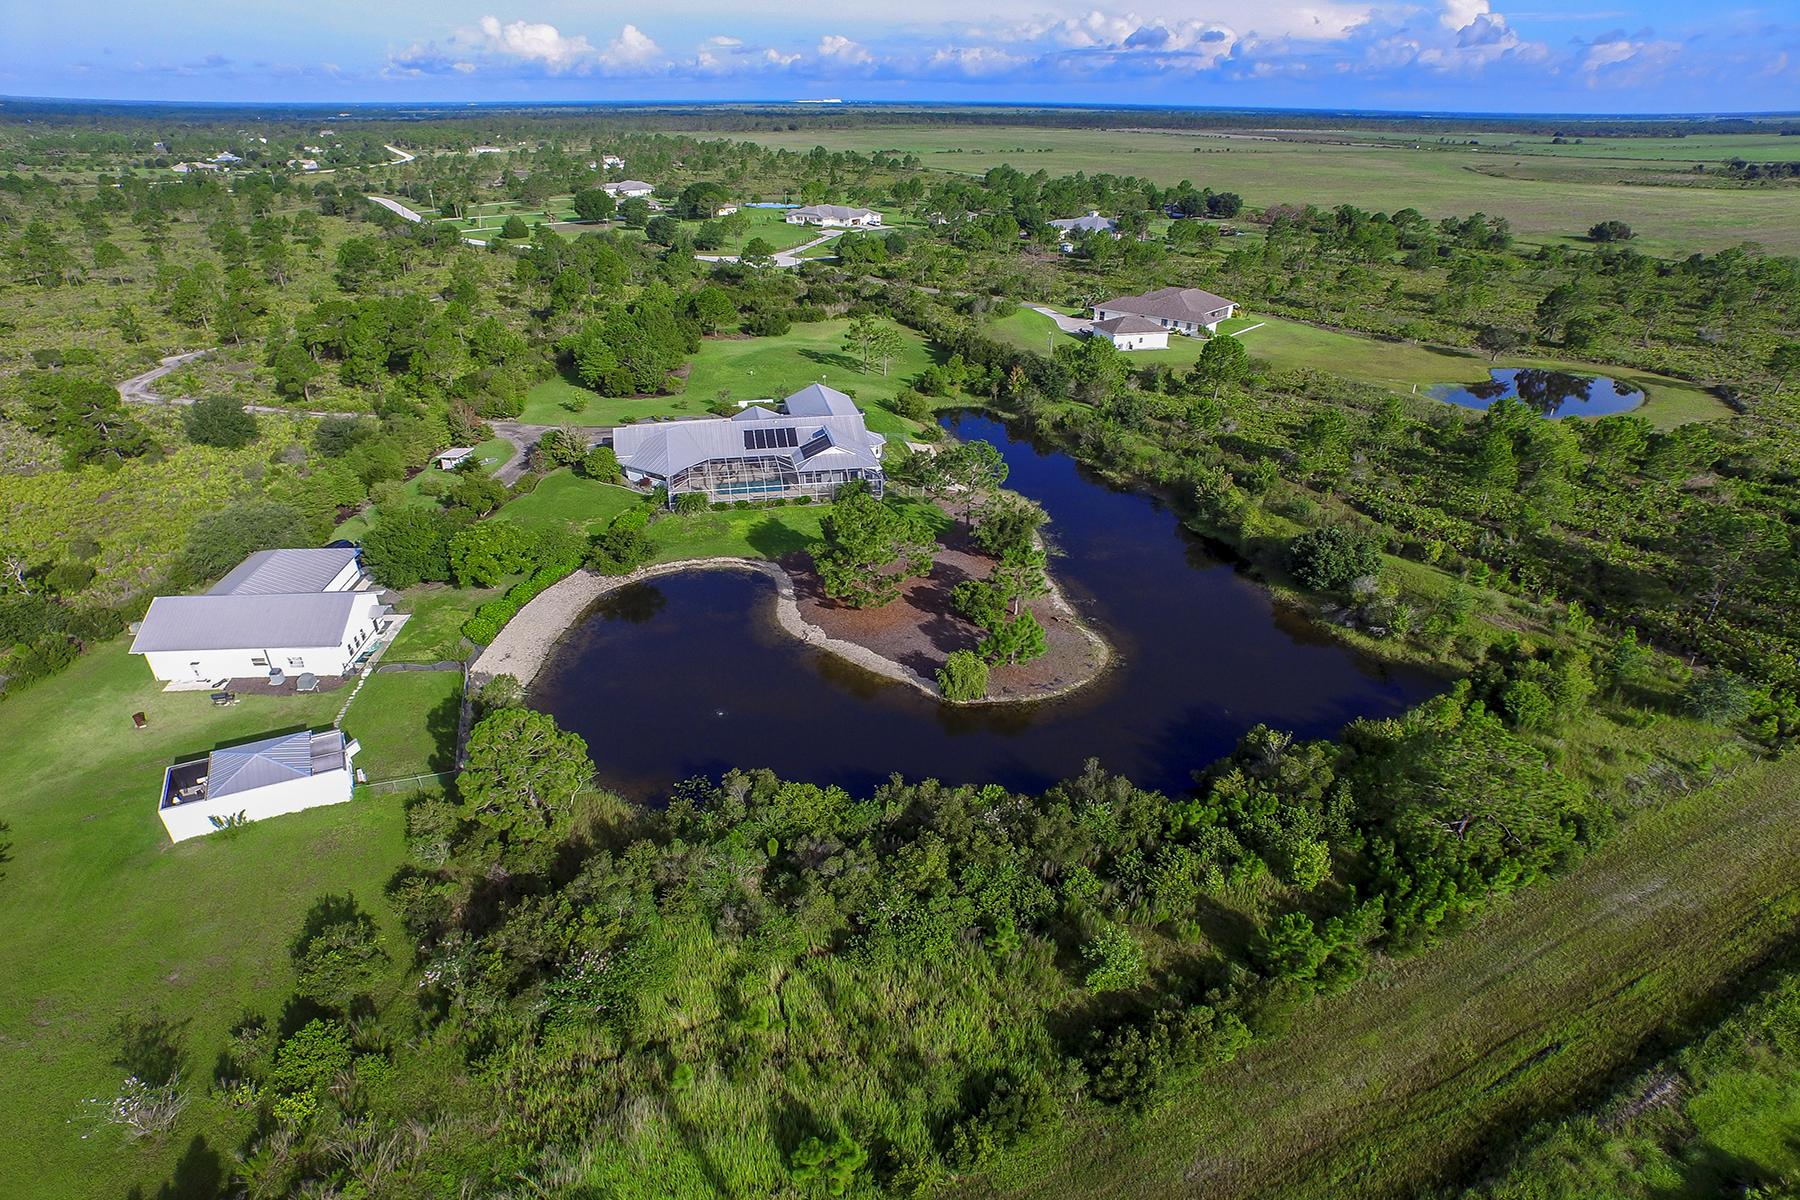 단독 가정 주택 용 매매 에 PRAIRIE CREEK PARK 17901 Wood Path Ct Punta Gorda, 플로리다 33982 미국